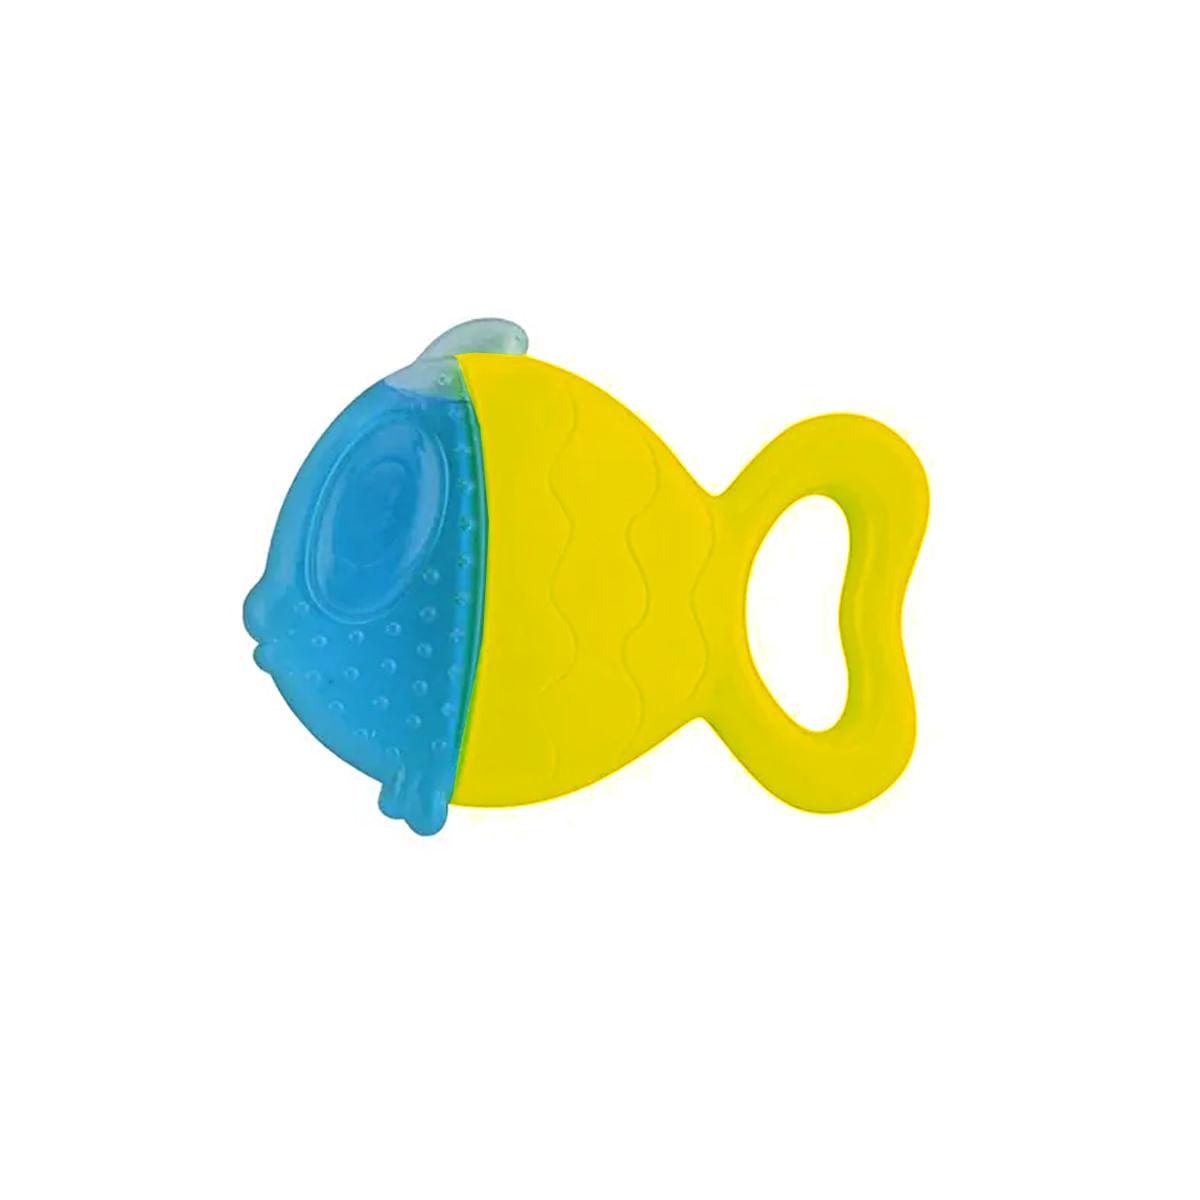 Mordedor para bebê infantil 0 a 18 meses Peixinho Amarelo